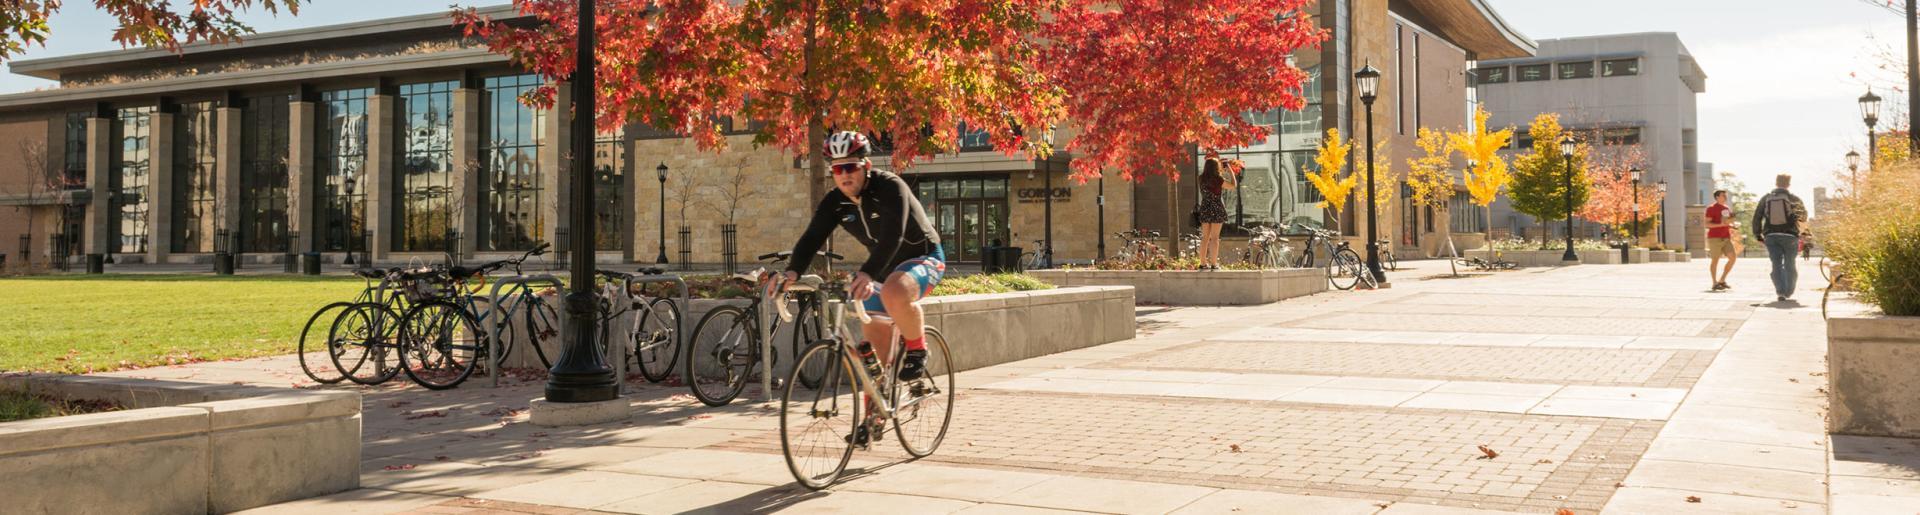 Biking around UW Campus